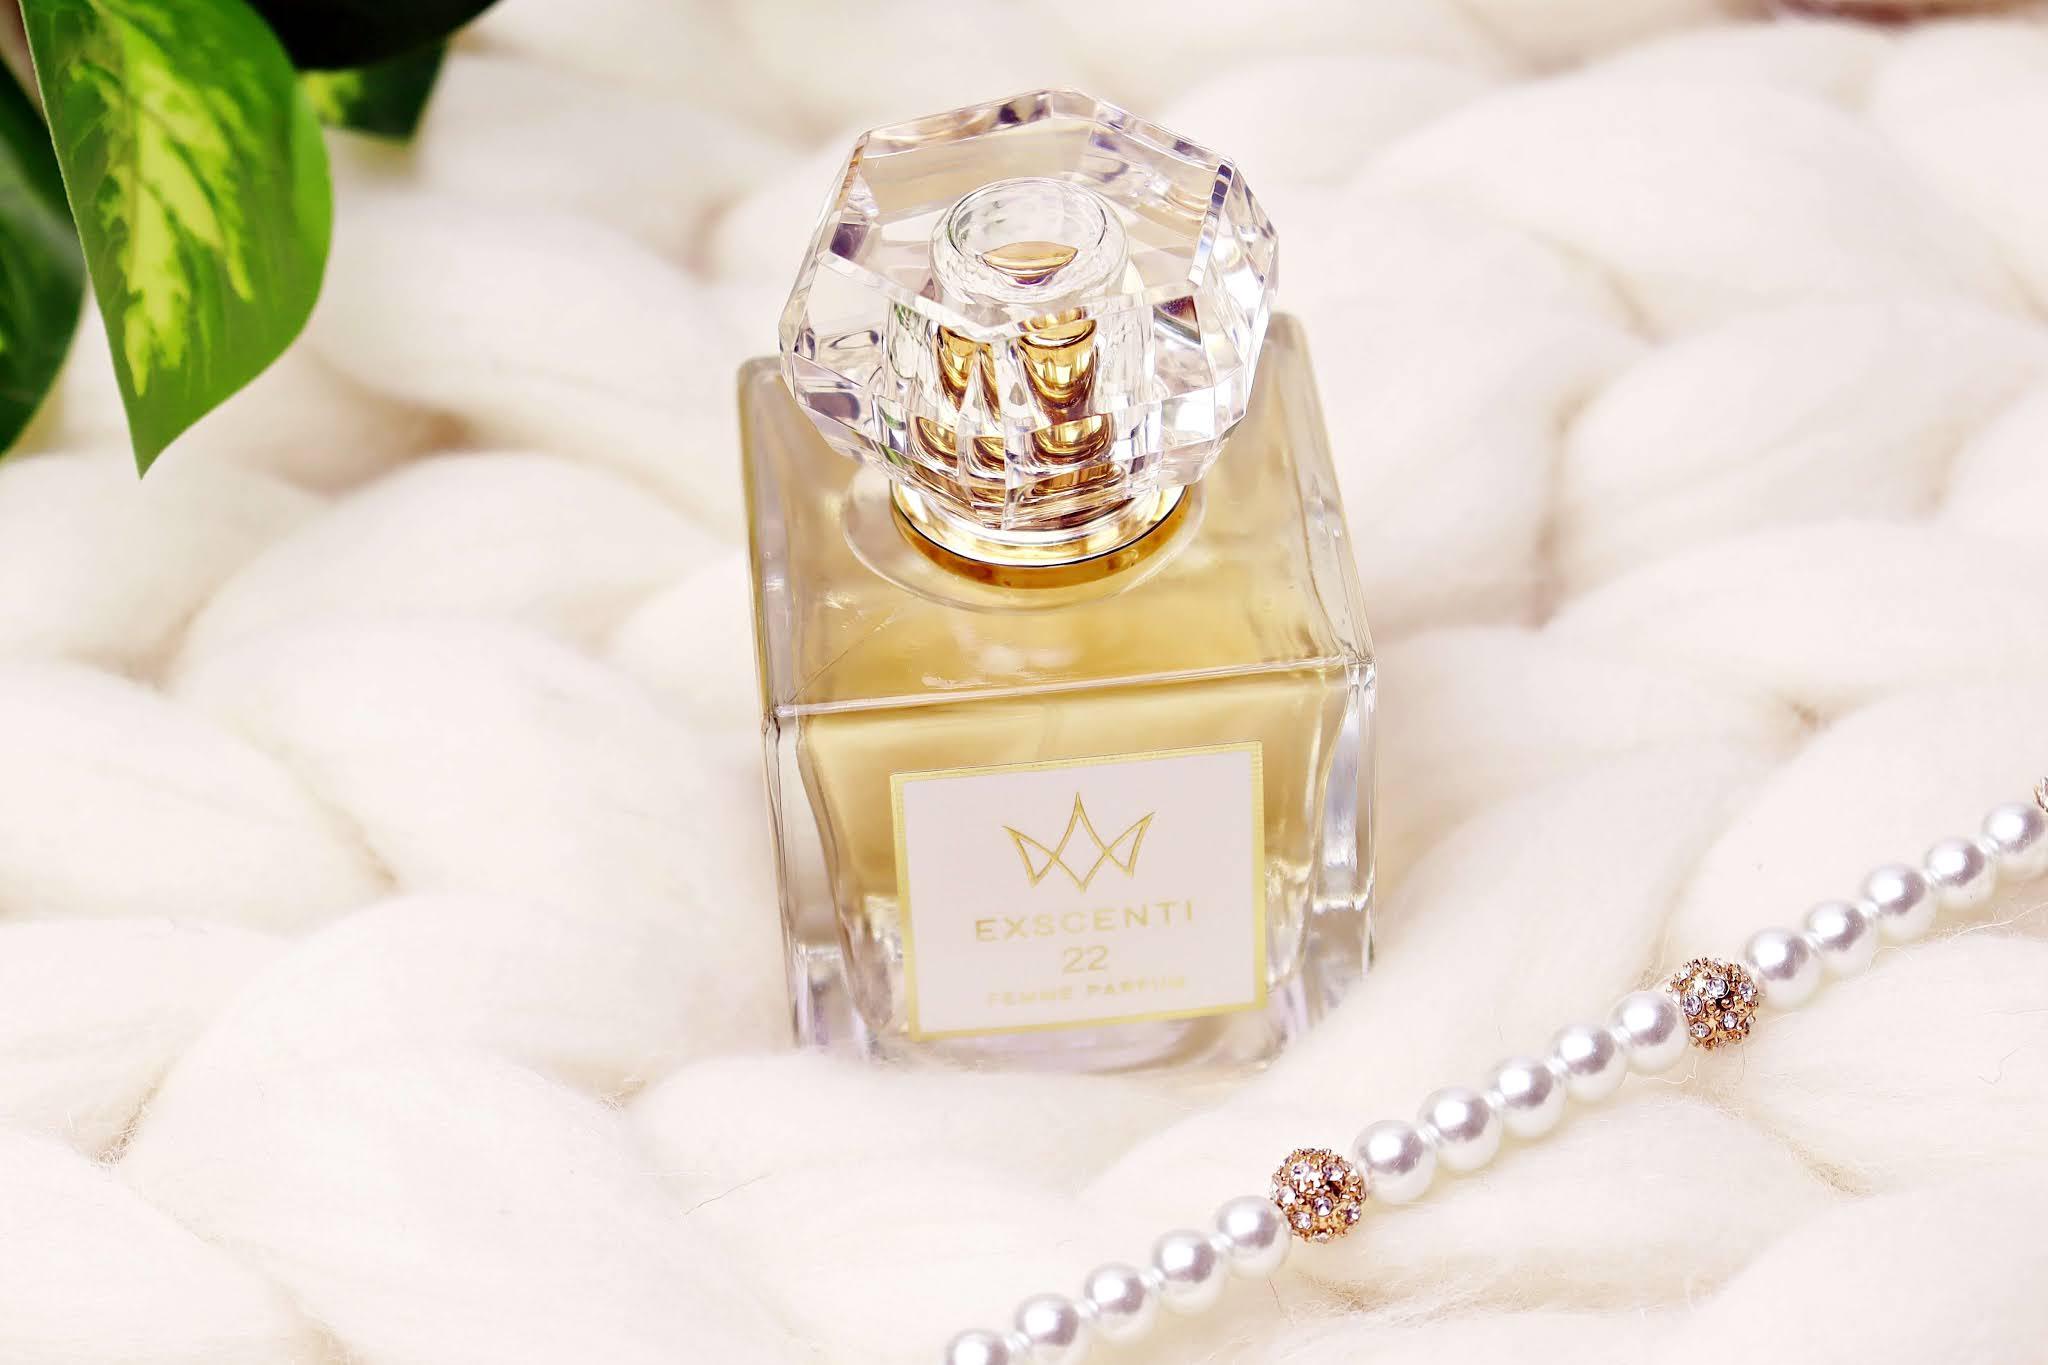 Perfumy Exscenti - Przegląd zapachów